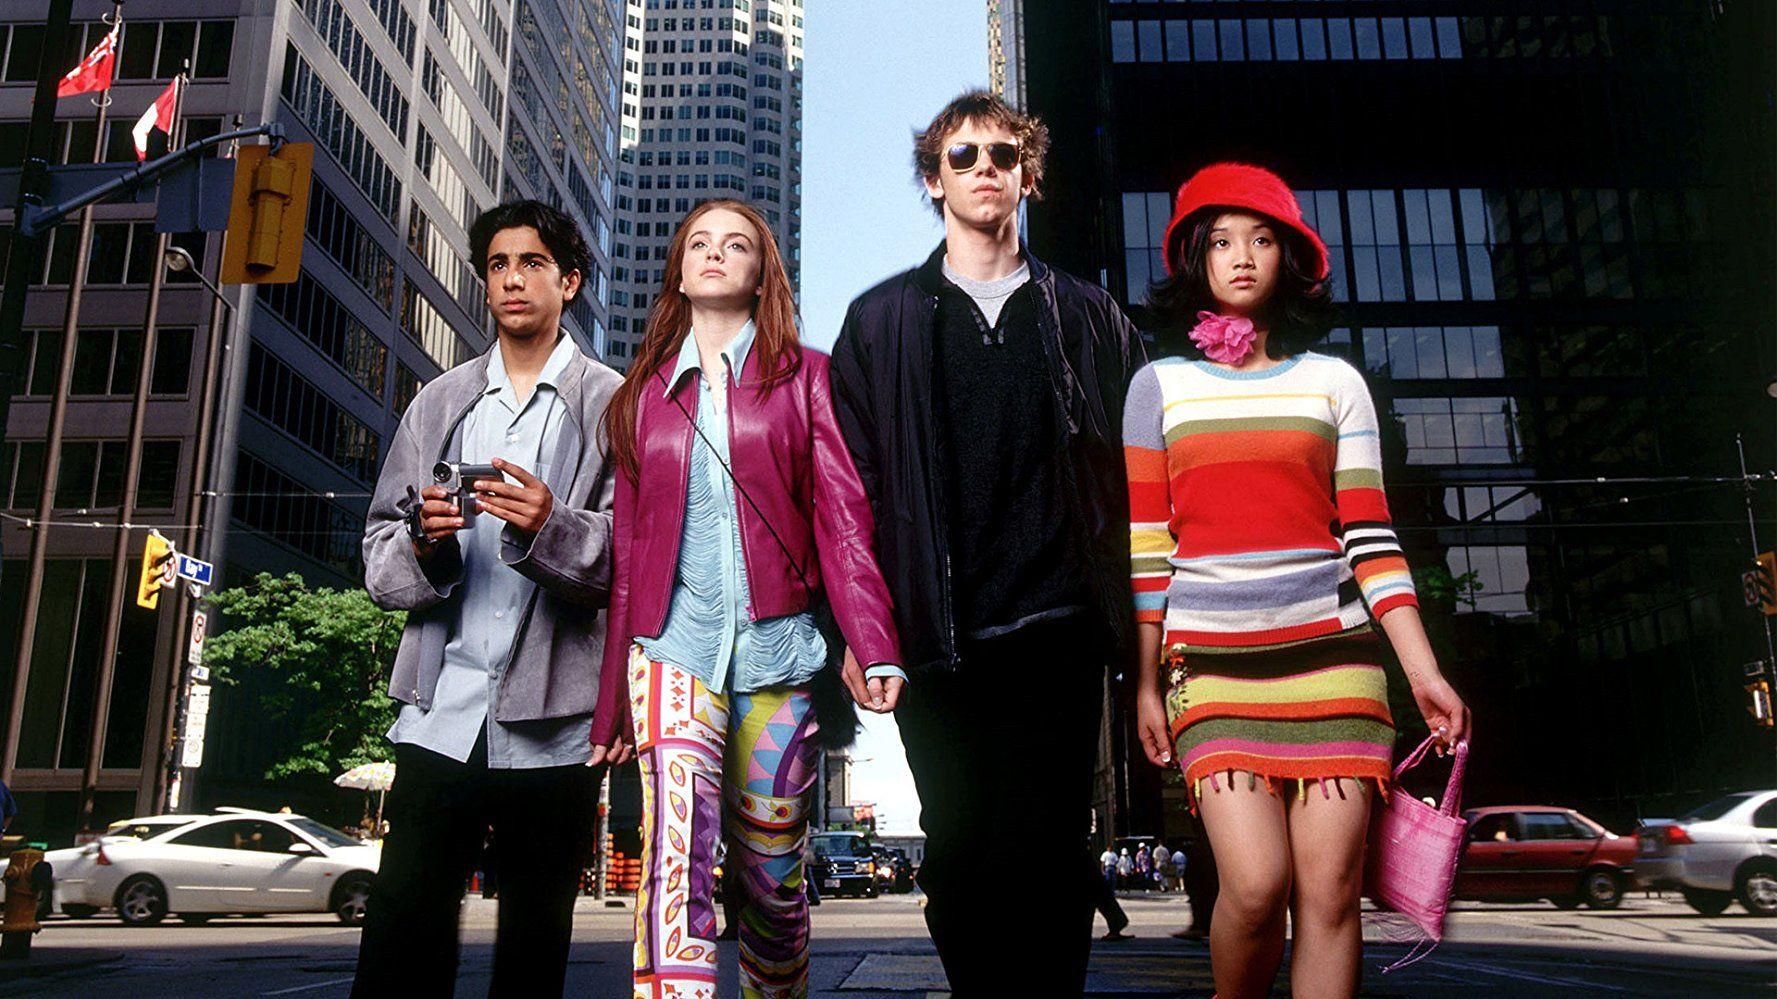 filmes da Disney+ para relembrar a moda dos anos 2000